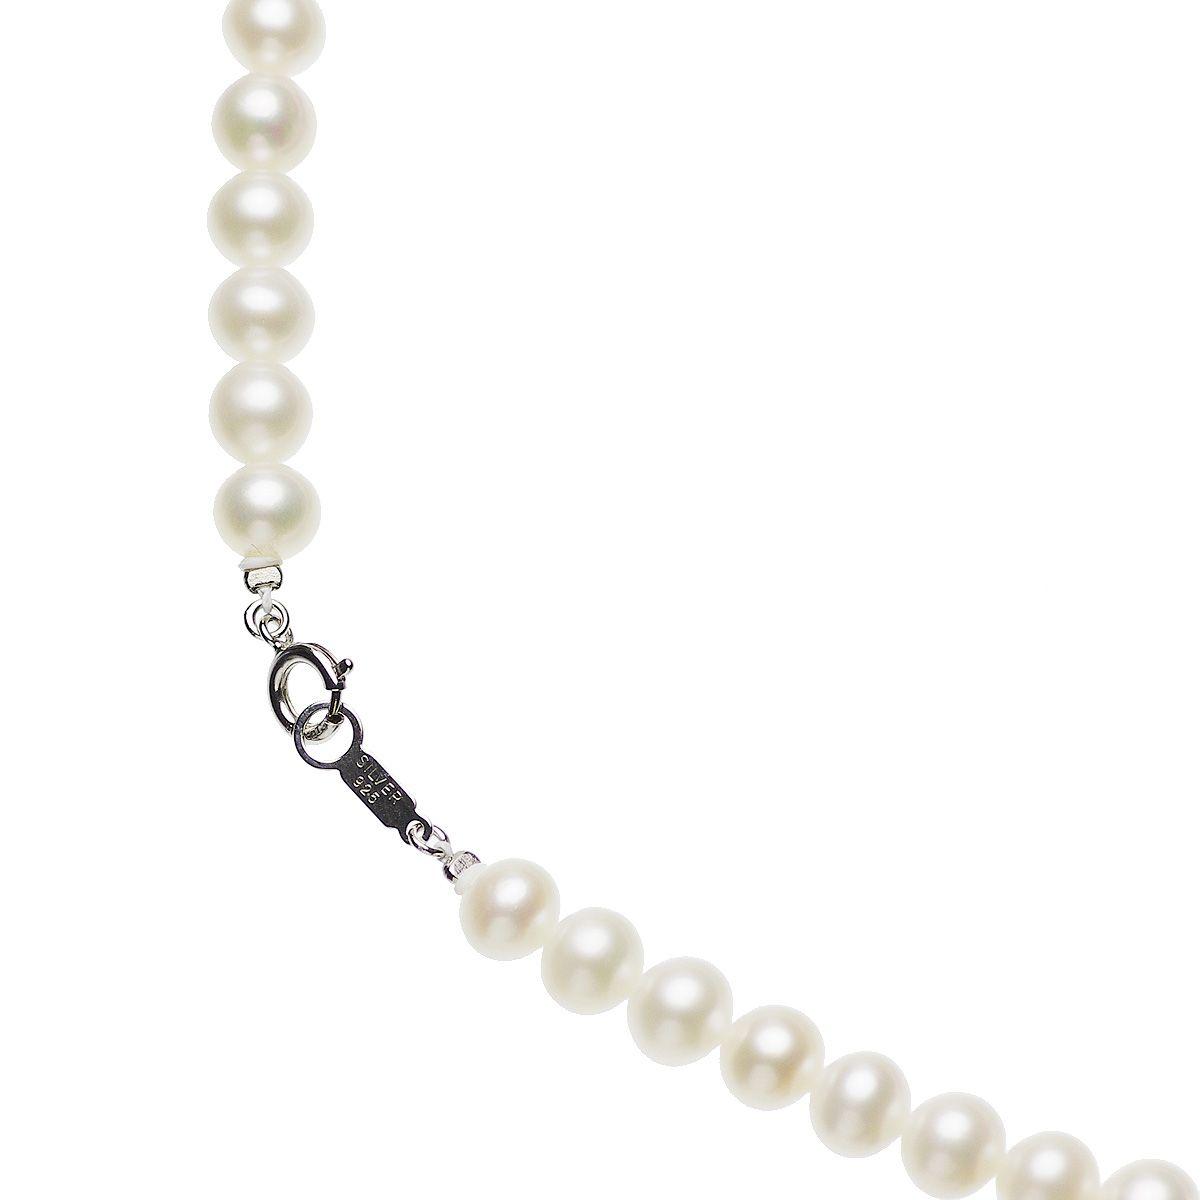 高級淡水真珠フォーマルネックレス 約6.5-7.0mmの写真